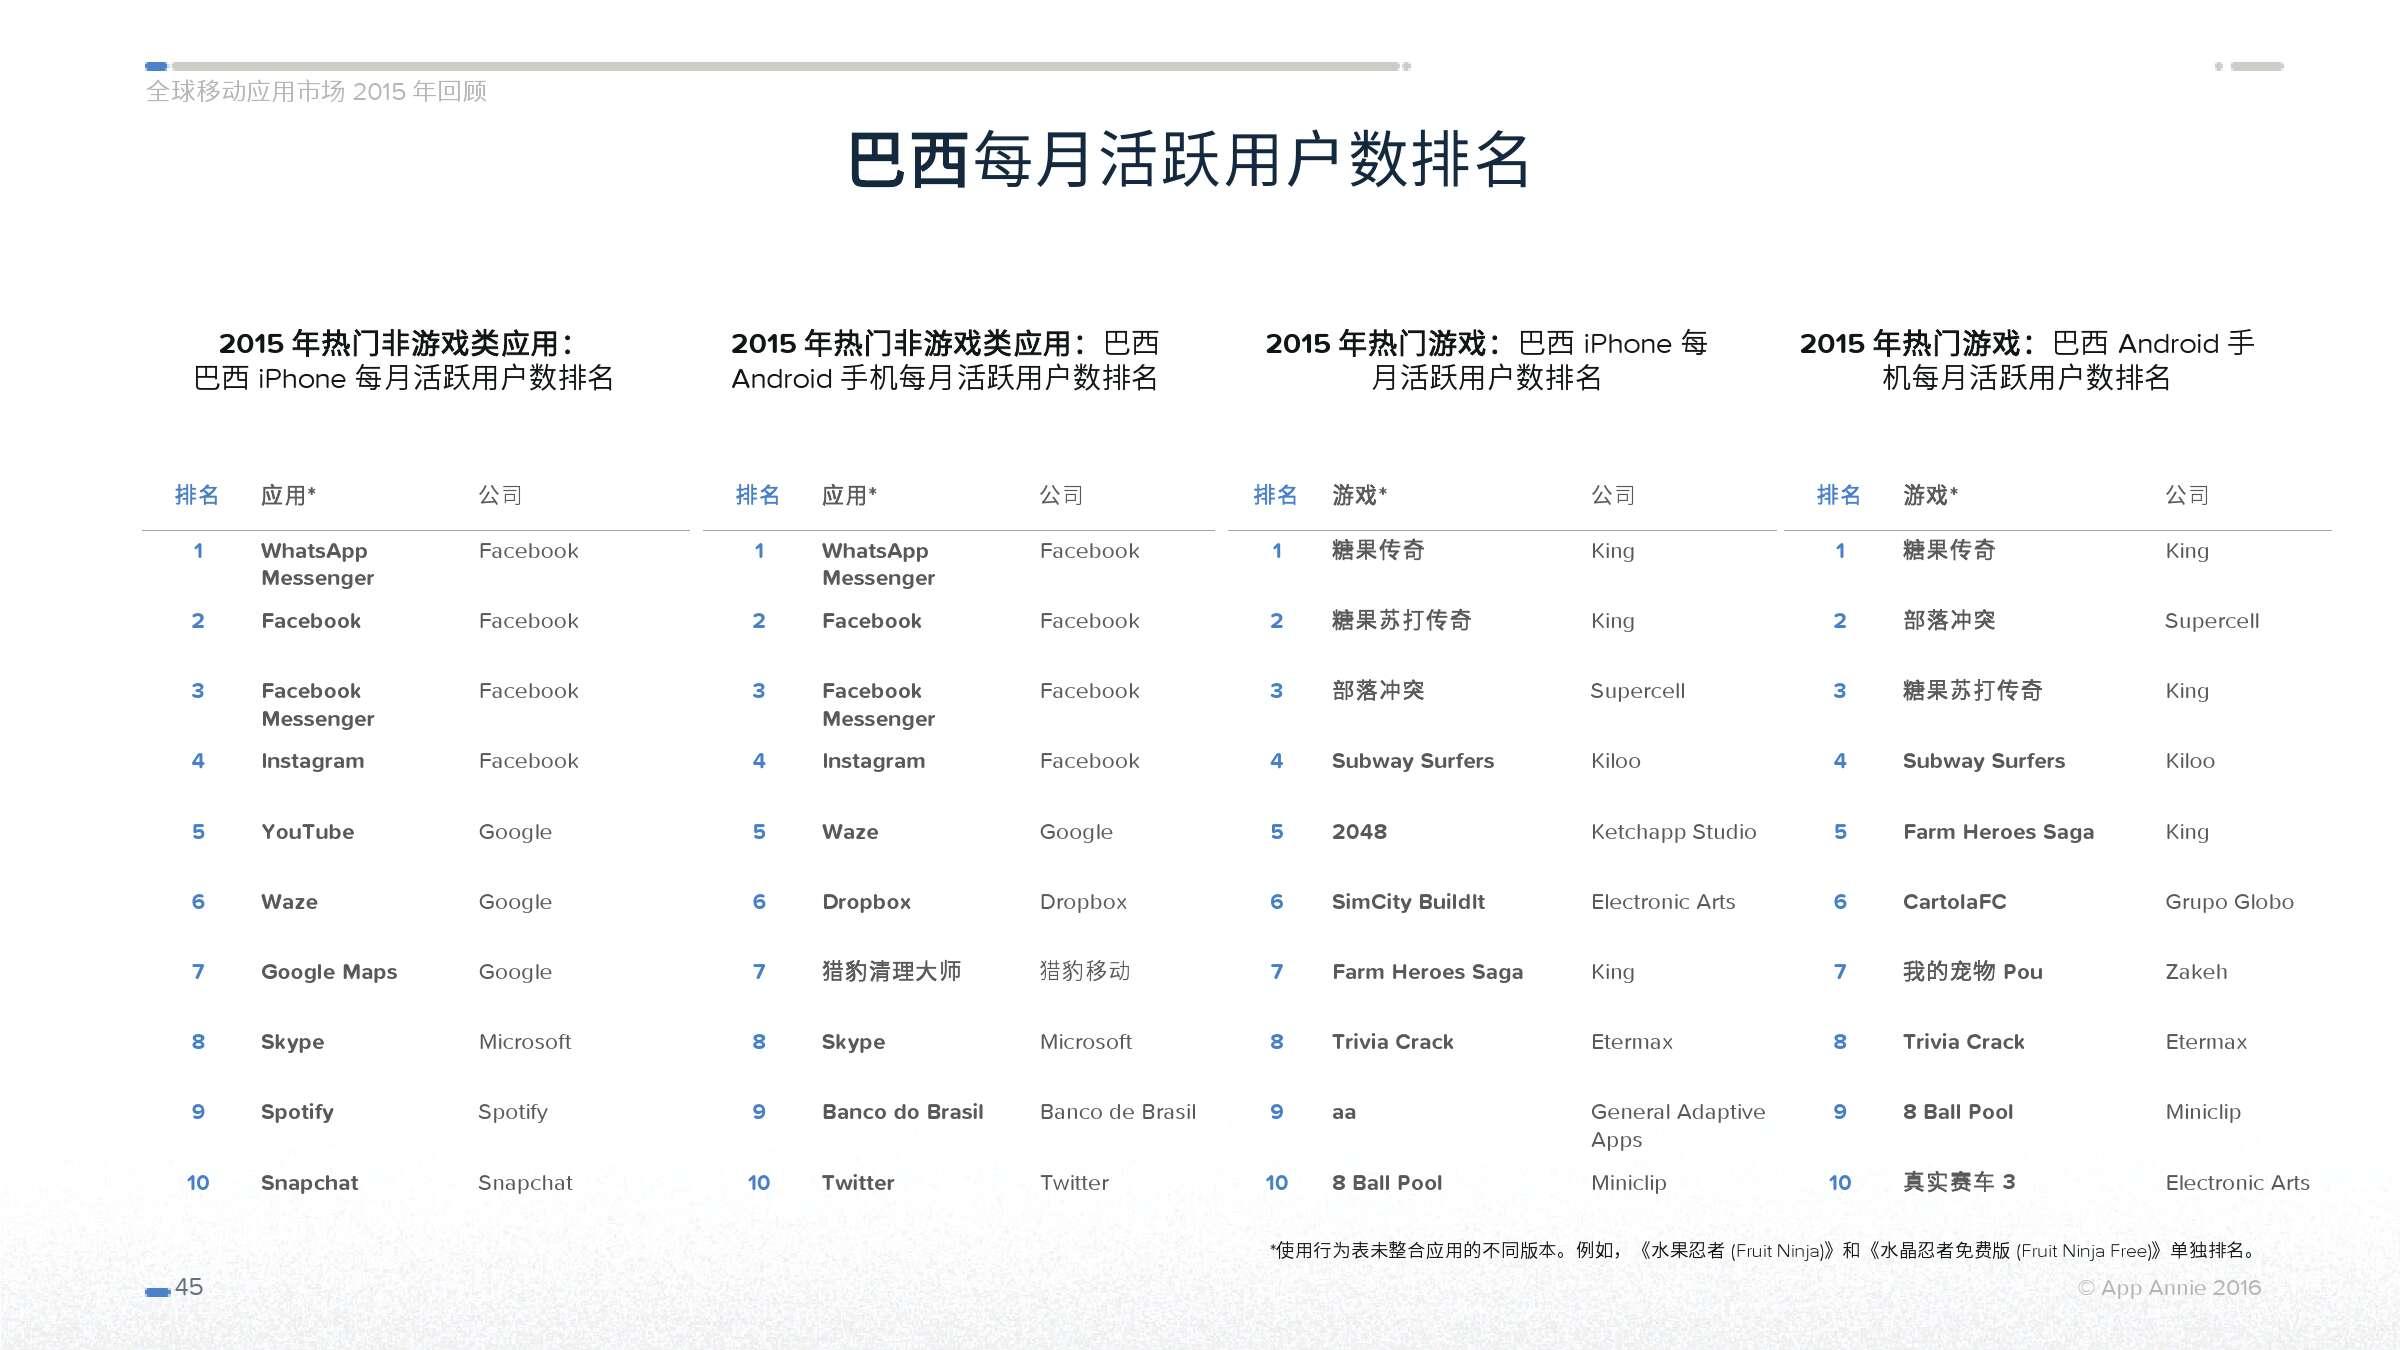 App Annie 全球移动应用市场 2015 年回顾_000045